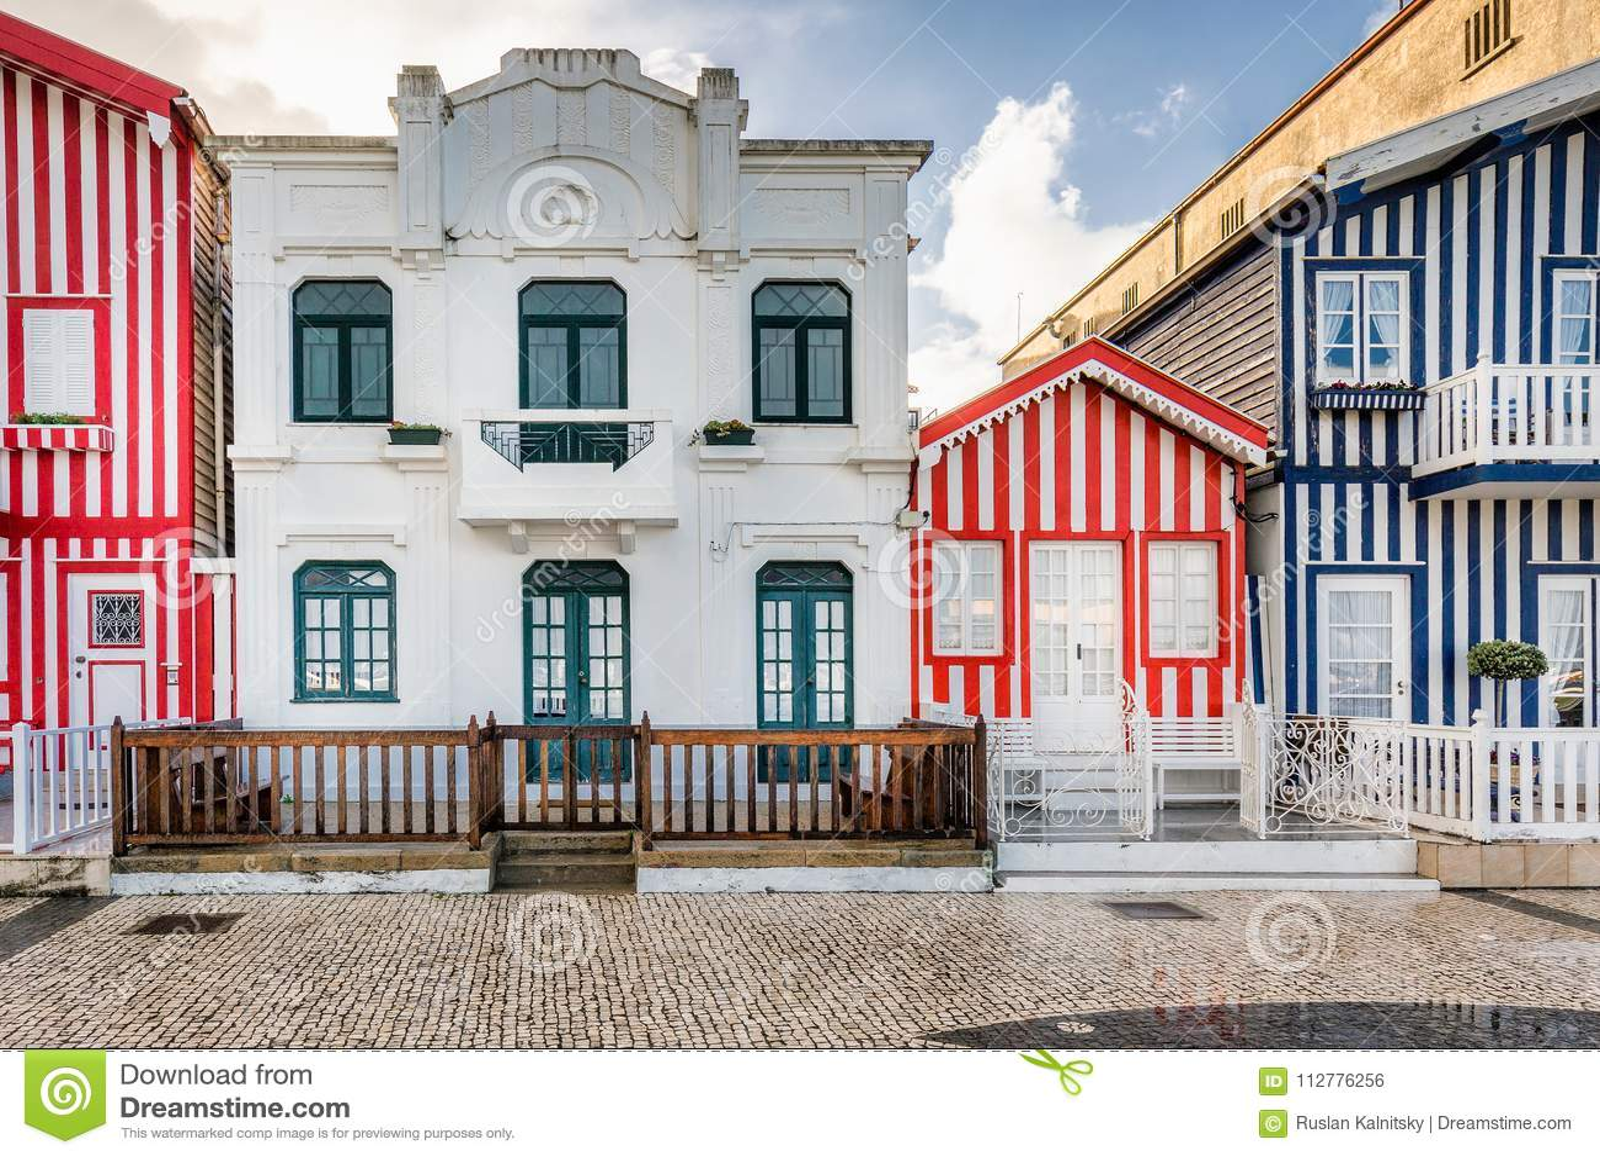 Португалия дома фото авито купить дом в дубае